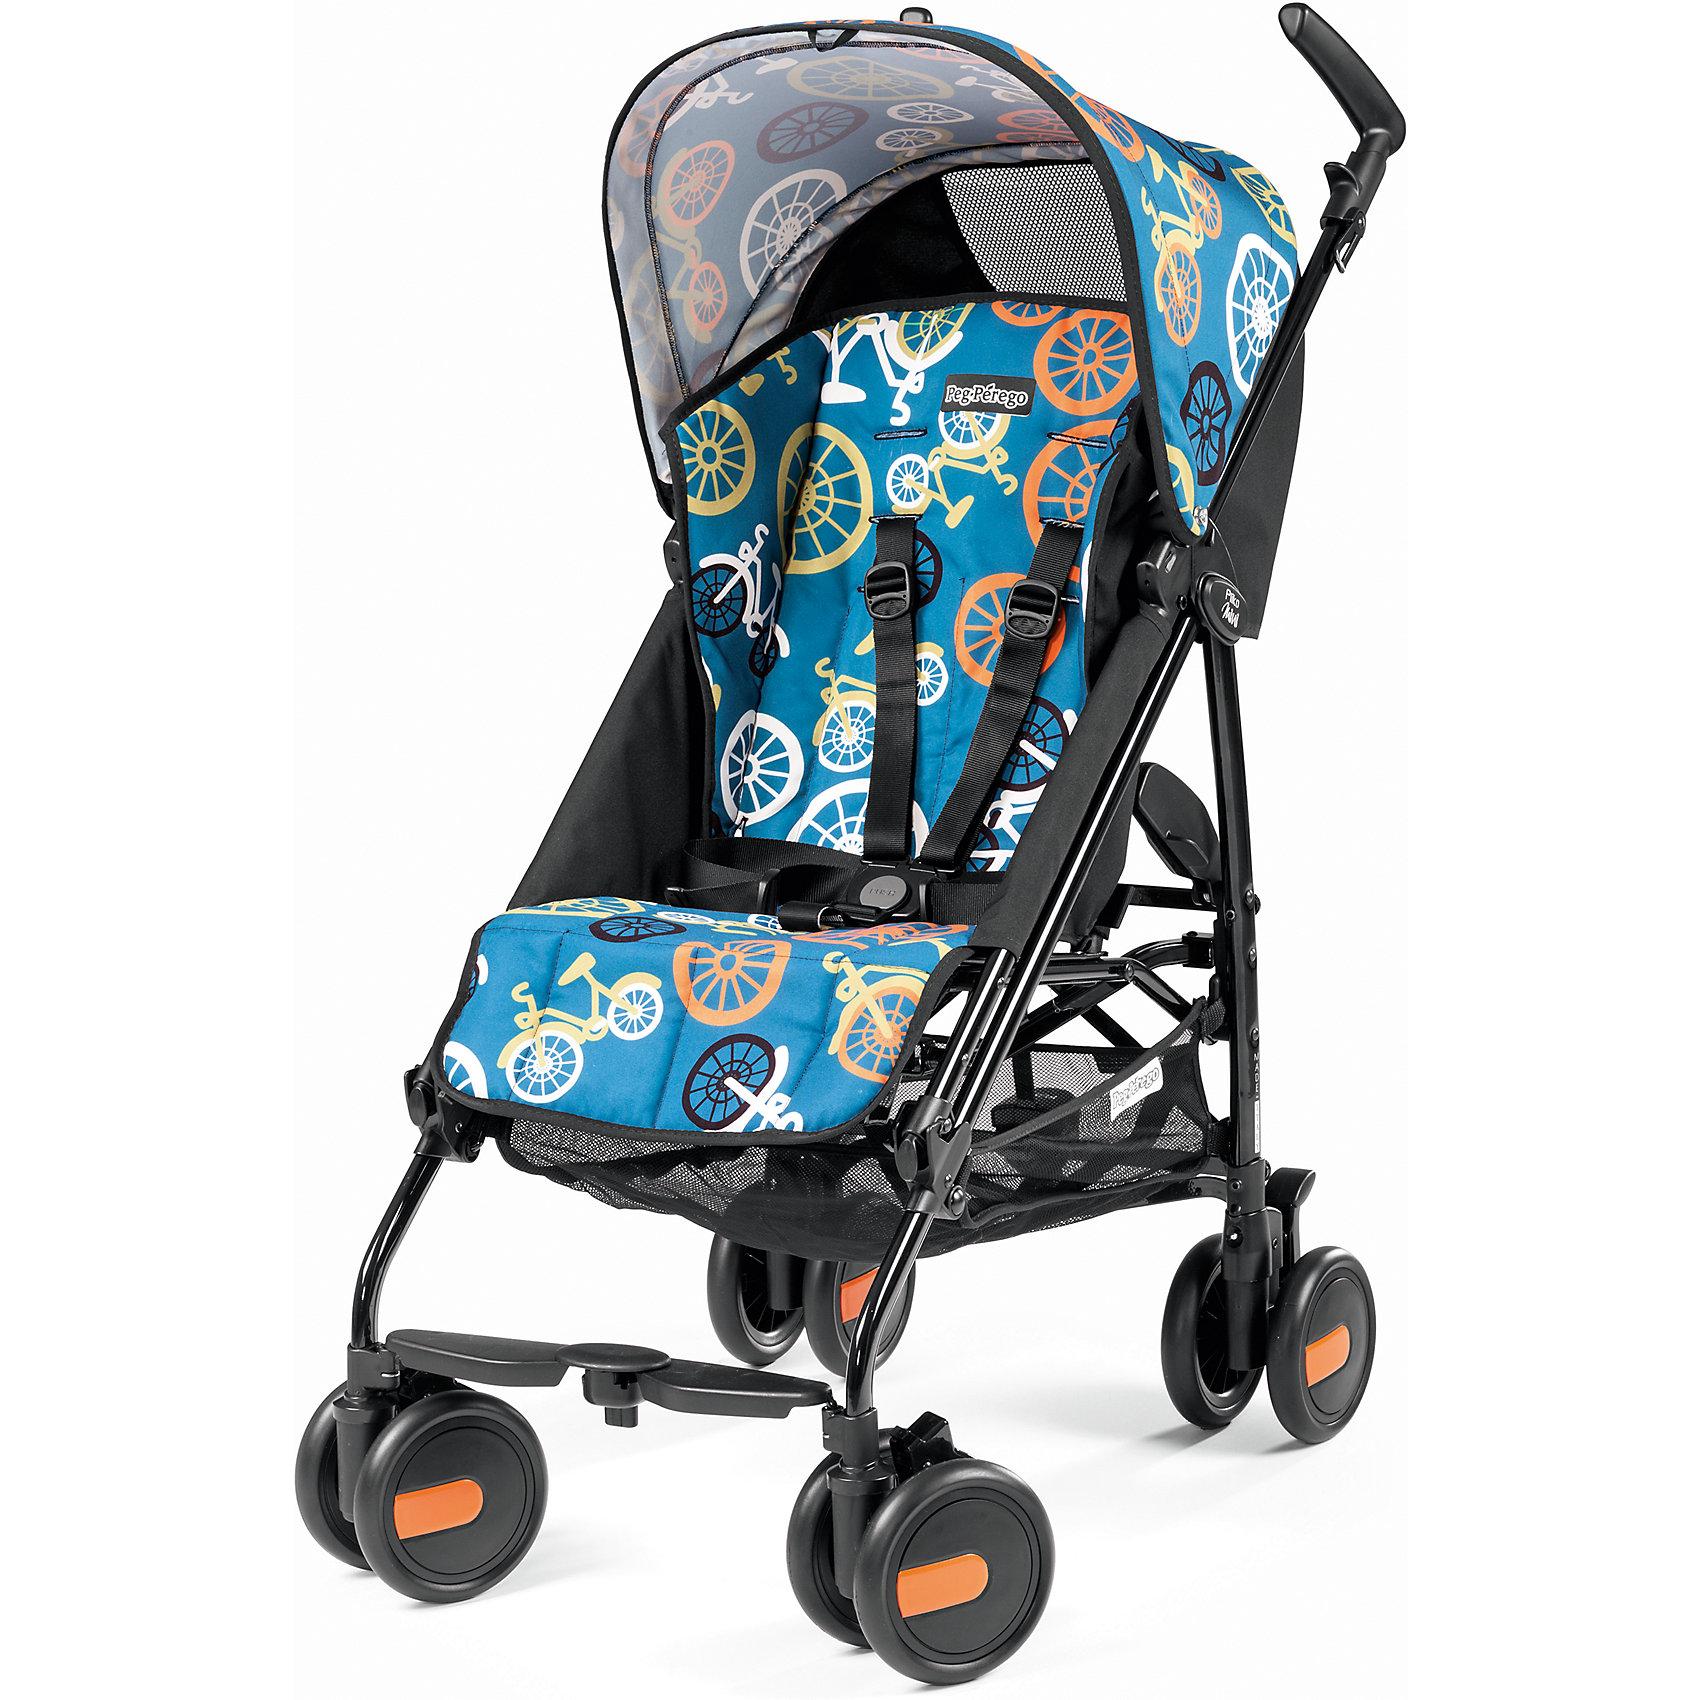 Коляска-трость Peg-Perego Pliko Mini с бампером, Bikes ColorКоляски-трости<br>Коляска-трость Pliko Mini, Peg-Perego - компактная прогулочная коляска с небольшими габаритами, которая отвечает всем требованиям комфорта и безопасности малыша. Очень практична для использования в любой ситуации. Коляска оснащена удобным для ребенка сиденьем с мягкими 5- точечными ремнями безопасности. Дополнительно можно приобрести мягкий съемный бампер (отдельно бампер без коляски не продается!). Спинка легко раскладывается в 3 положениях вплоть до горизонтального. Опора для ножек регулируется, что обеспечивает<br>малышу правильную осанку. Большой капюшон со смотровым окном защитит от солнца и дождя.  <br><br>Для родителей предусмотрены удобные ручки и вместительная корзина для принадлежностей малыша. Коляска оснащена 4 двойными колесами (передние - поворотные с возможностью фиксации, задние - с тормозом). Благодаря узкой колесной базе коляска без труда преодолевает<br>даже самые узкие проемы дверей, лифтов и турникетов. Легко и компактно складывается тростью, что позволяет использовать ее во время поездок и путешествий. Обивку можно снимать и стирать. Подходит для детей от 6 мес. до 3 лет.<br><br><br>Особенности:<br><br>- удобна для транспортировки и хранения;<br>- объемный капюшон от солнца и дождя;<br>- спинка сиденья регулируется 3 положениях;<br>- регулируемая подножка; <br>- корзина для вещей ребенка;<br>- передние поворотные колеса с возможностью фиксации;<br>- узкая колесная база;<br>- легко и компактно складывается тростью.<br><br><br>Дополнительная информация:<br><br>- Цвет: Bikes Color.<br>- Материал: текстиль, металл, пластик.<br>- Диаметр колес: 14,6 см.<br>- Максимальная длина спального места: 87 см.<br>- Размер в разложенном виде: 84 х 50 х 101 см.<br>- Размер в сложенном виде: 34 х 32 х 94 см.<br>- Вес: 5,7 кг.<br><br>Коляску-трость Pliko Mini + бампер передний, Peg-Perego можно купить в нашем интернет-магазине.<br><br>Ширина мм: 470<br>Глубина мм: 290<br>Высота мм: 1025